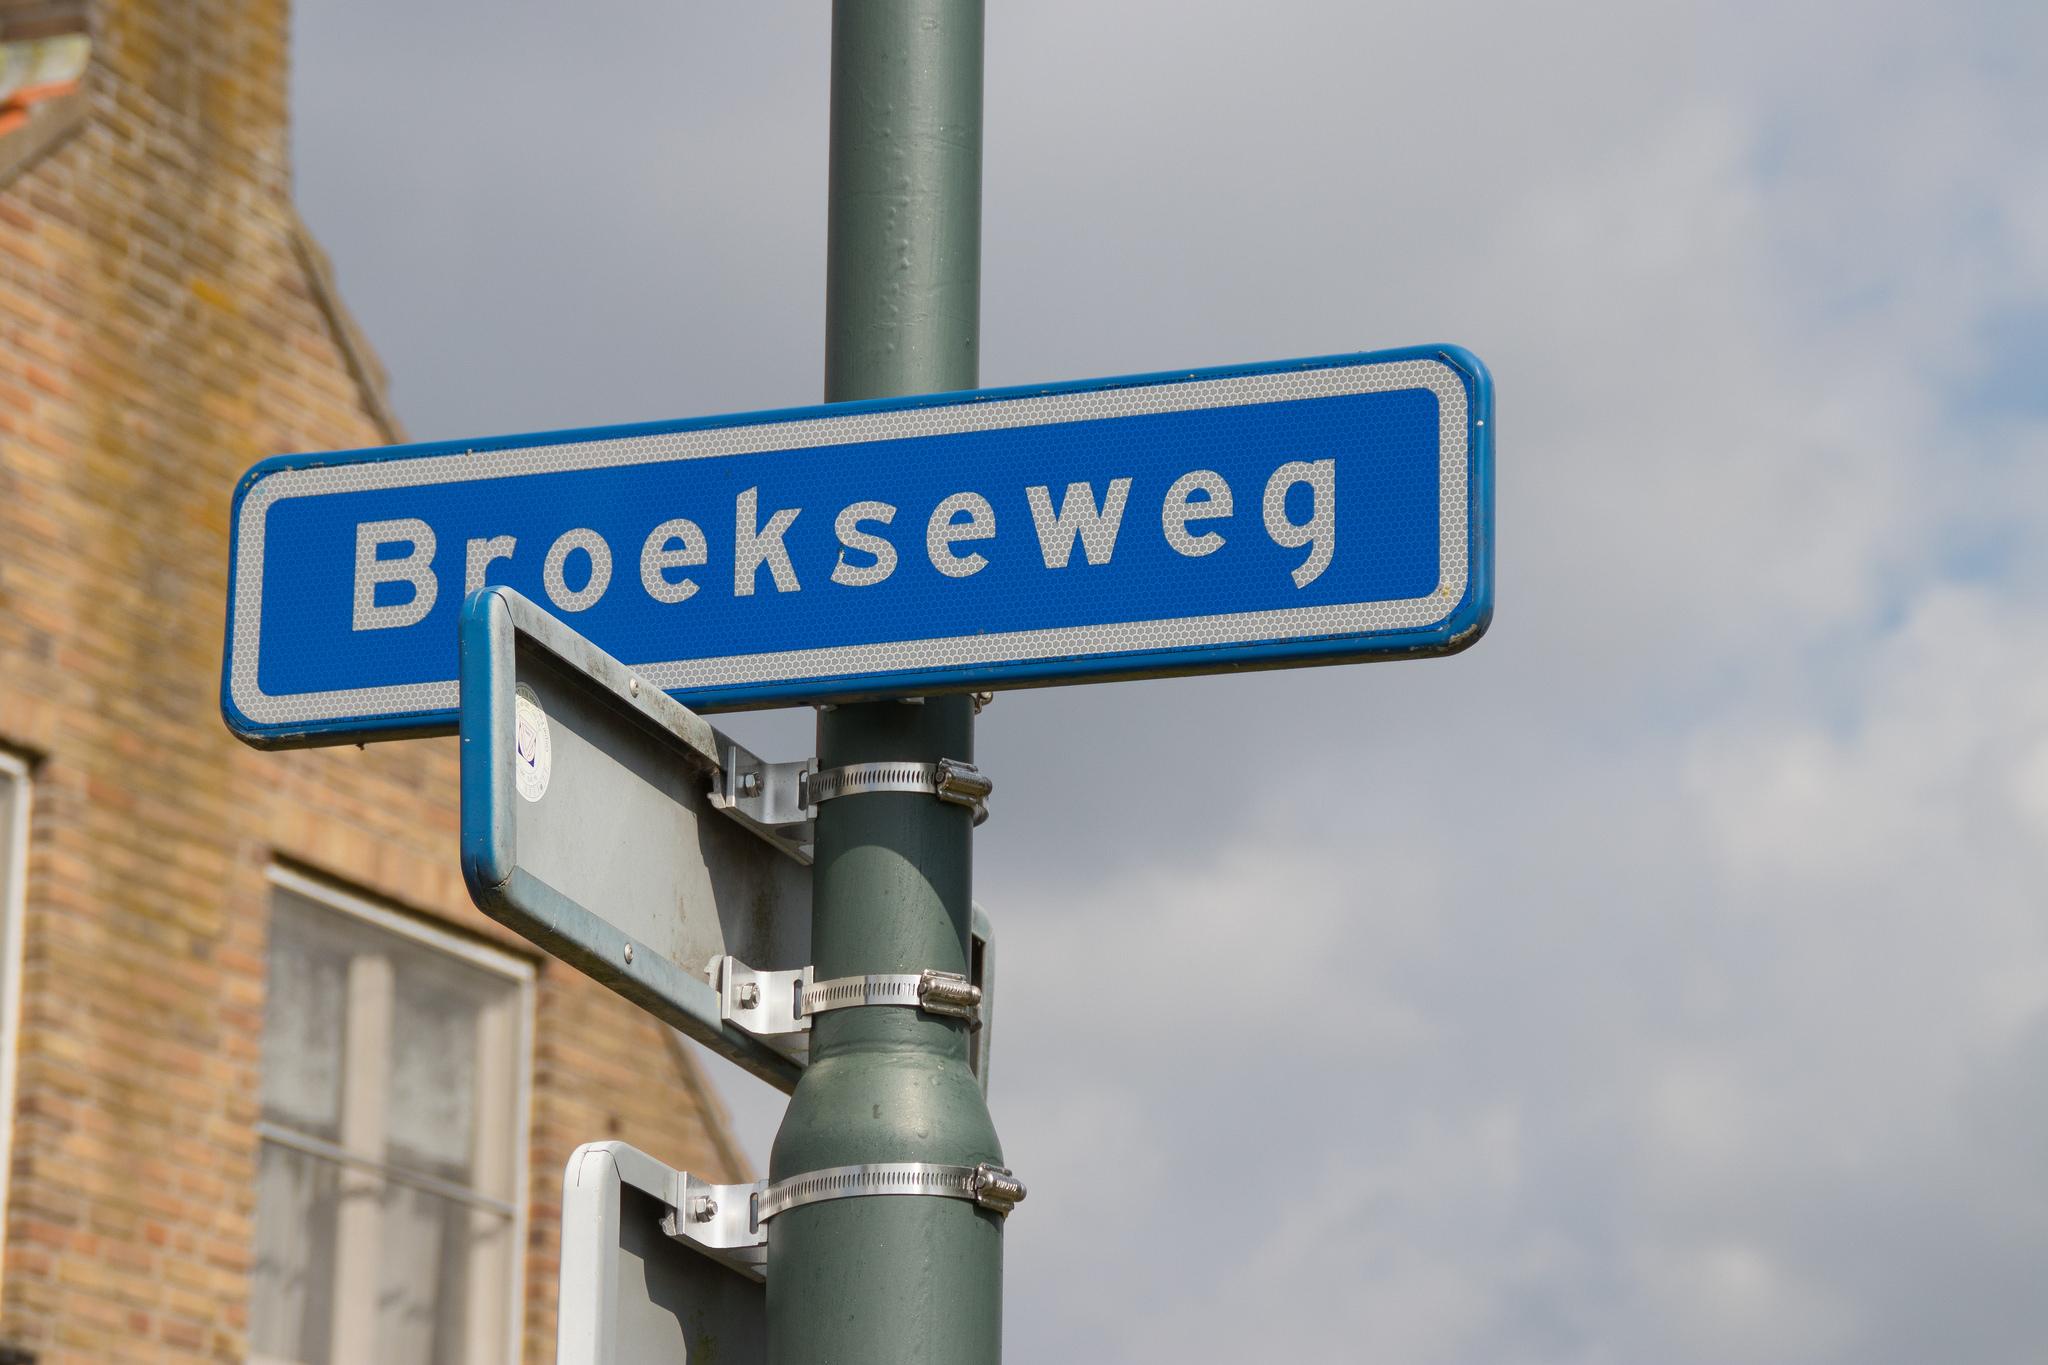 Broekseweg, Straatnaam